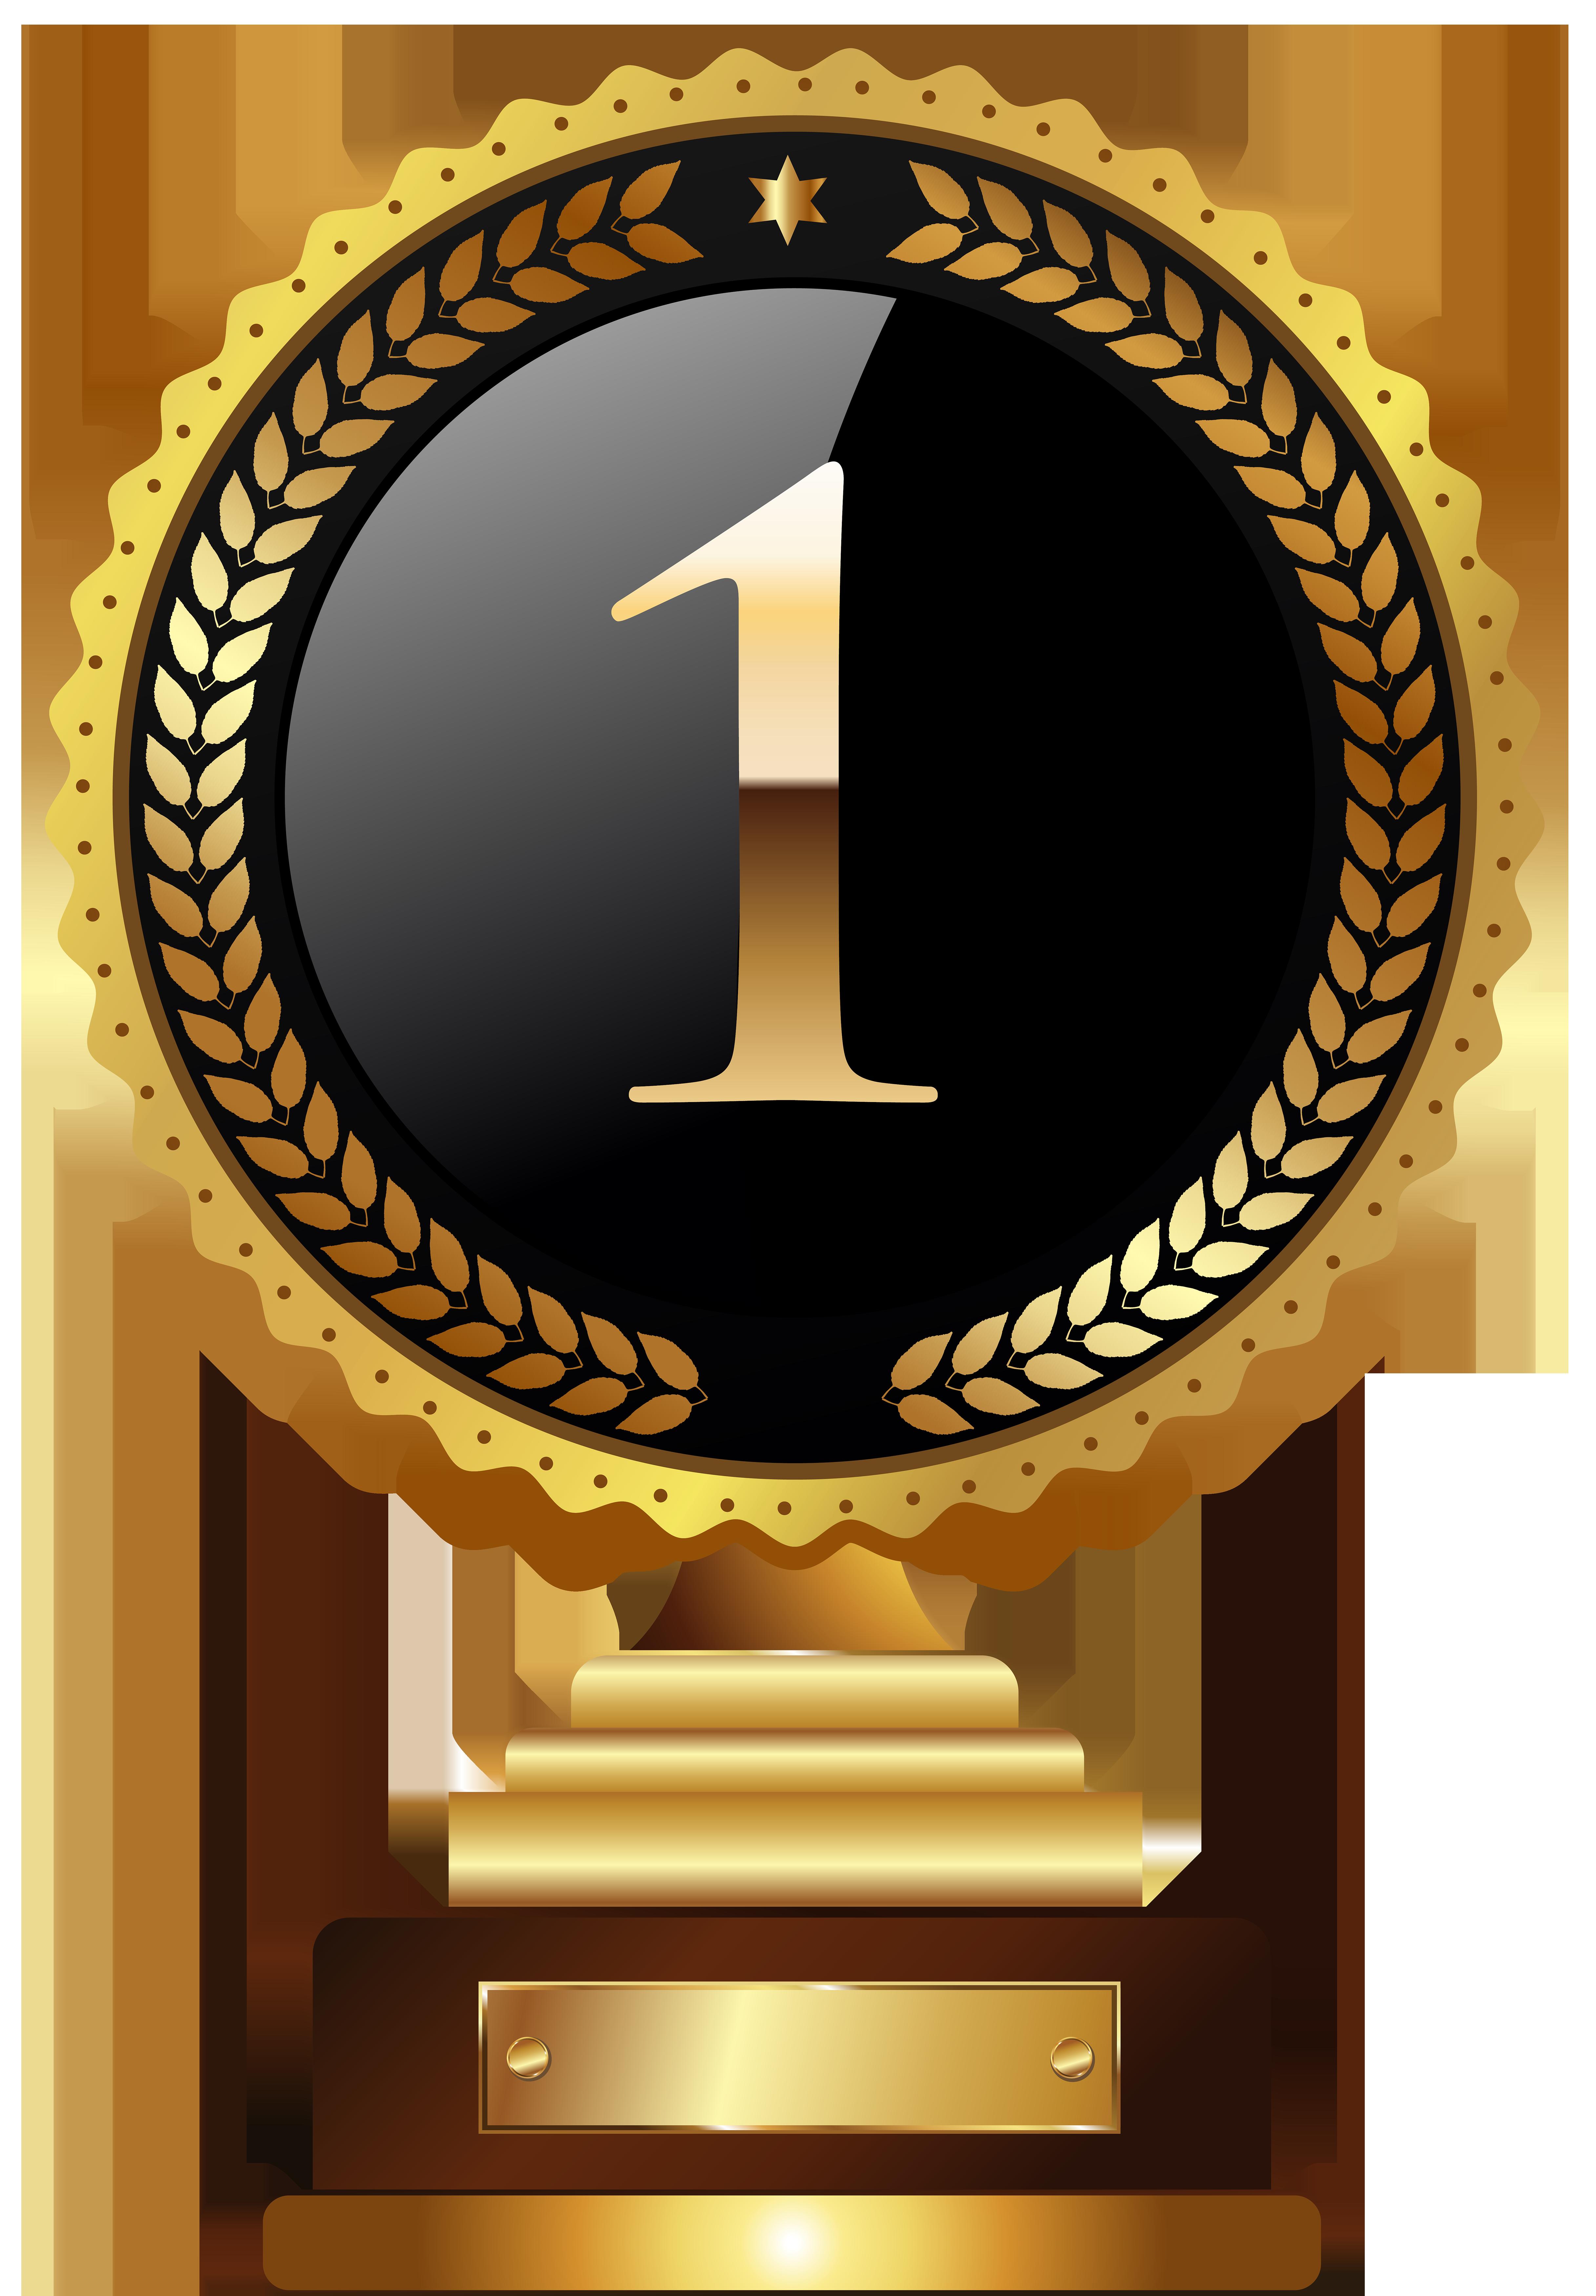 1st Place Trophy Transparent PNG Clip Art Image.